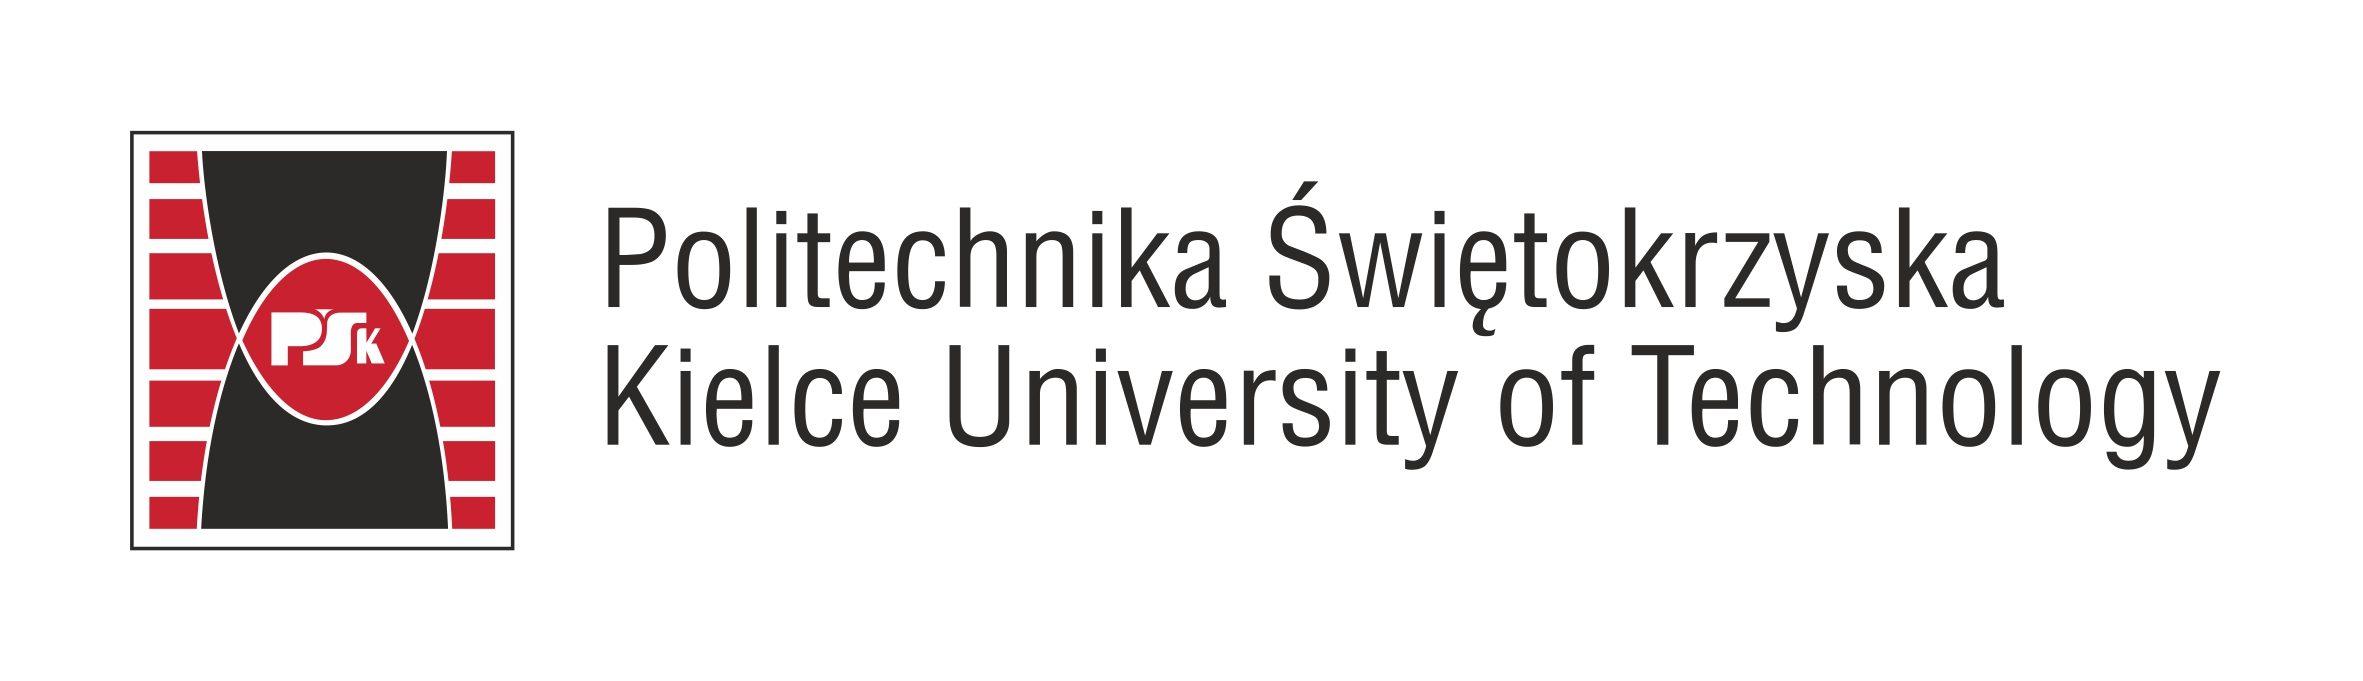 logo_politechnika świętokrzyska